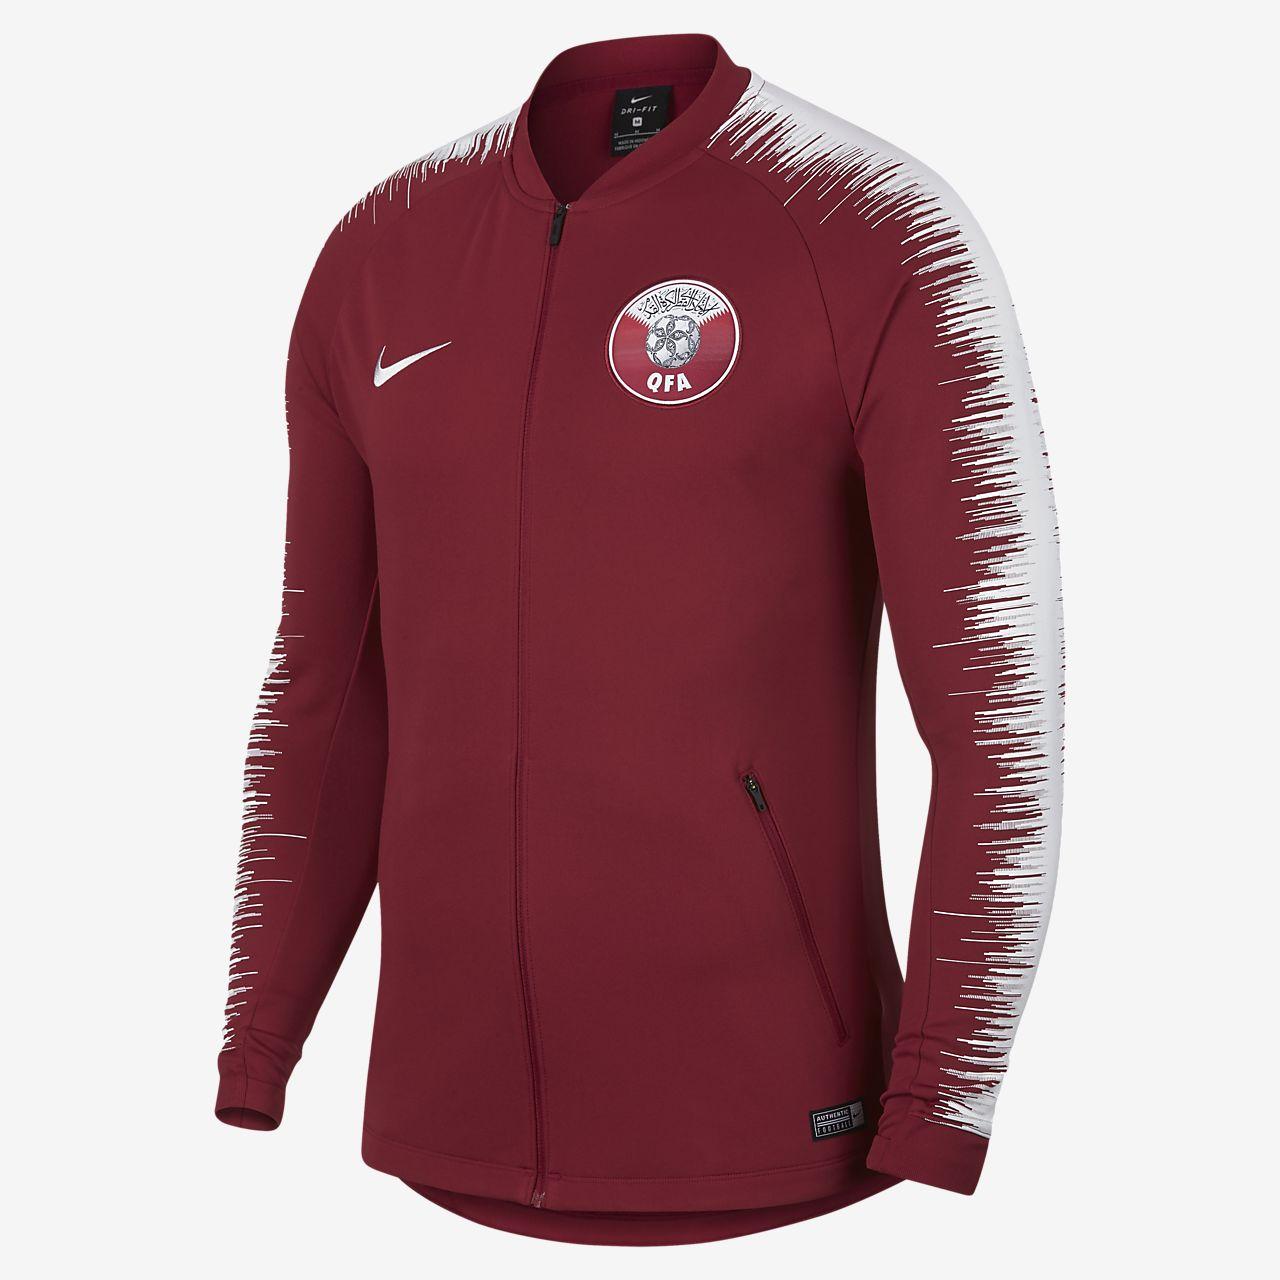 Fotbollsjacka Qatar Anthem för män